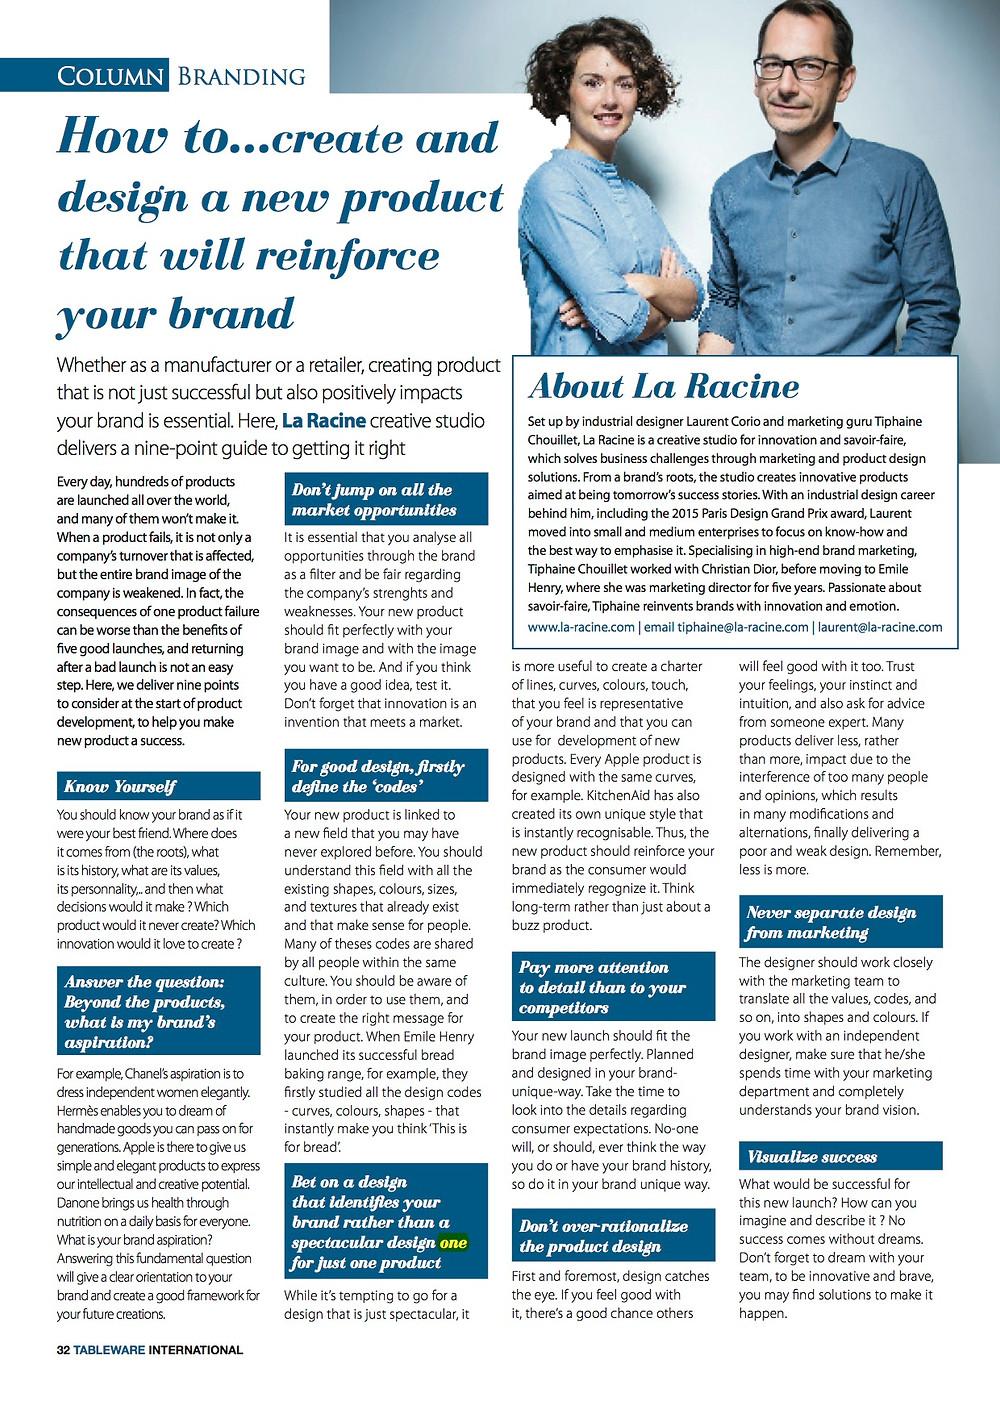 Interview du magazine Tableware International